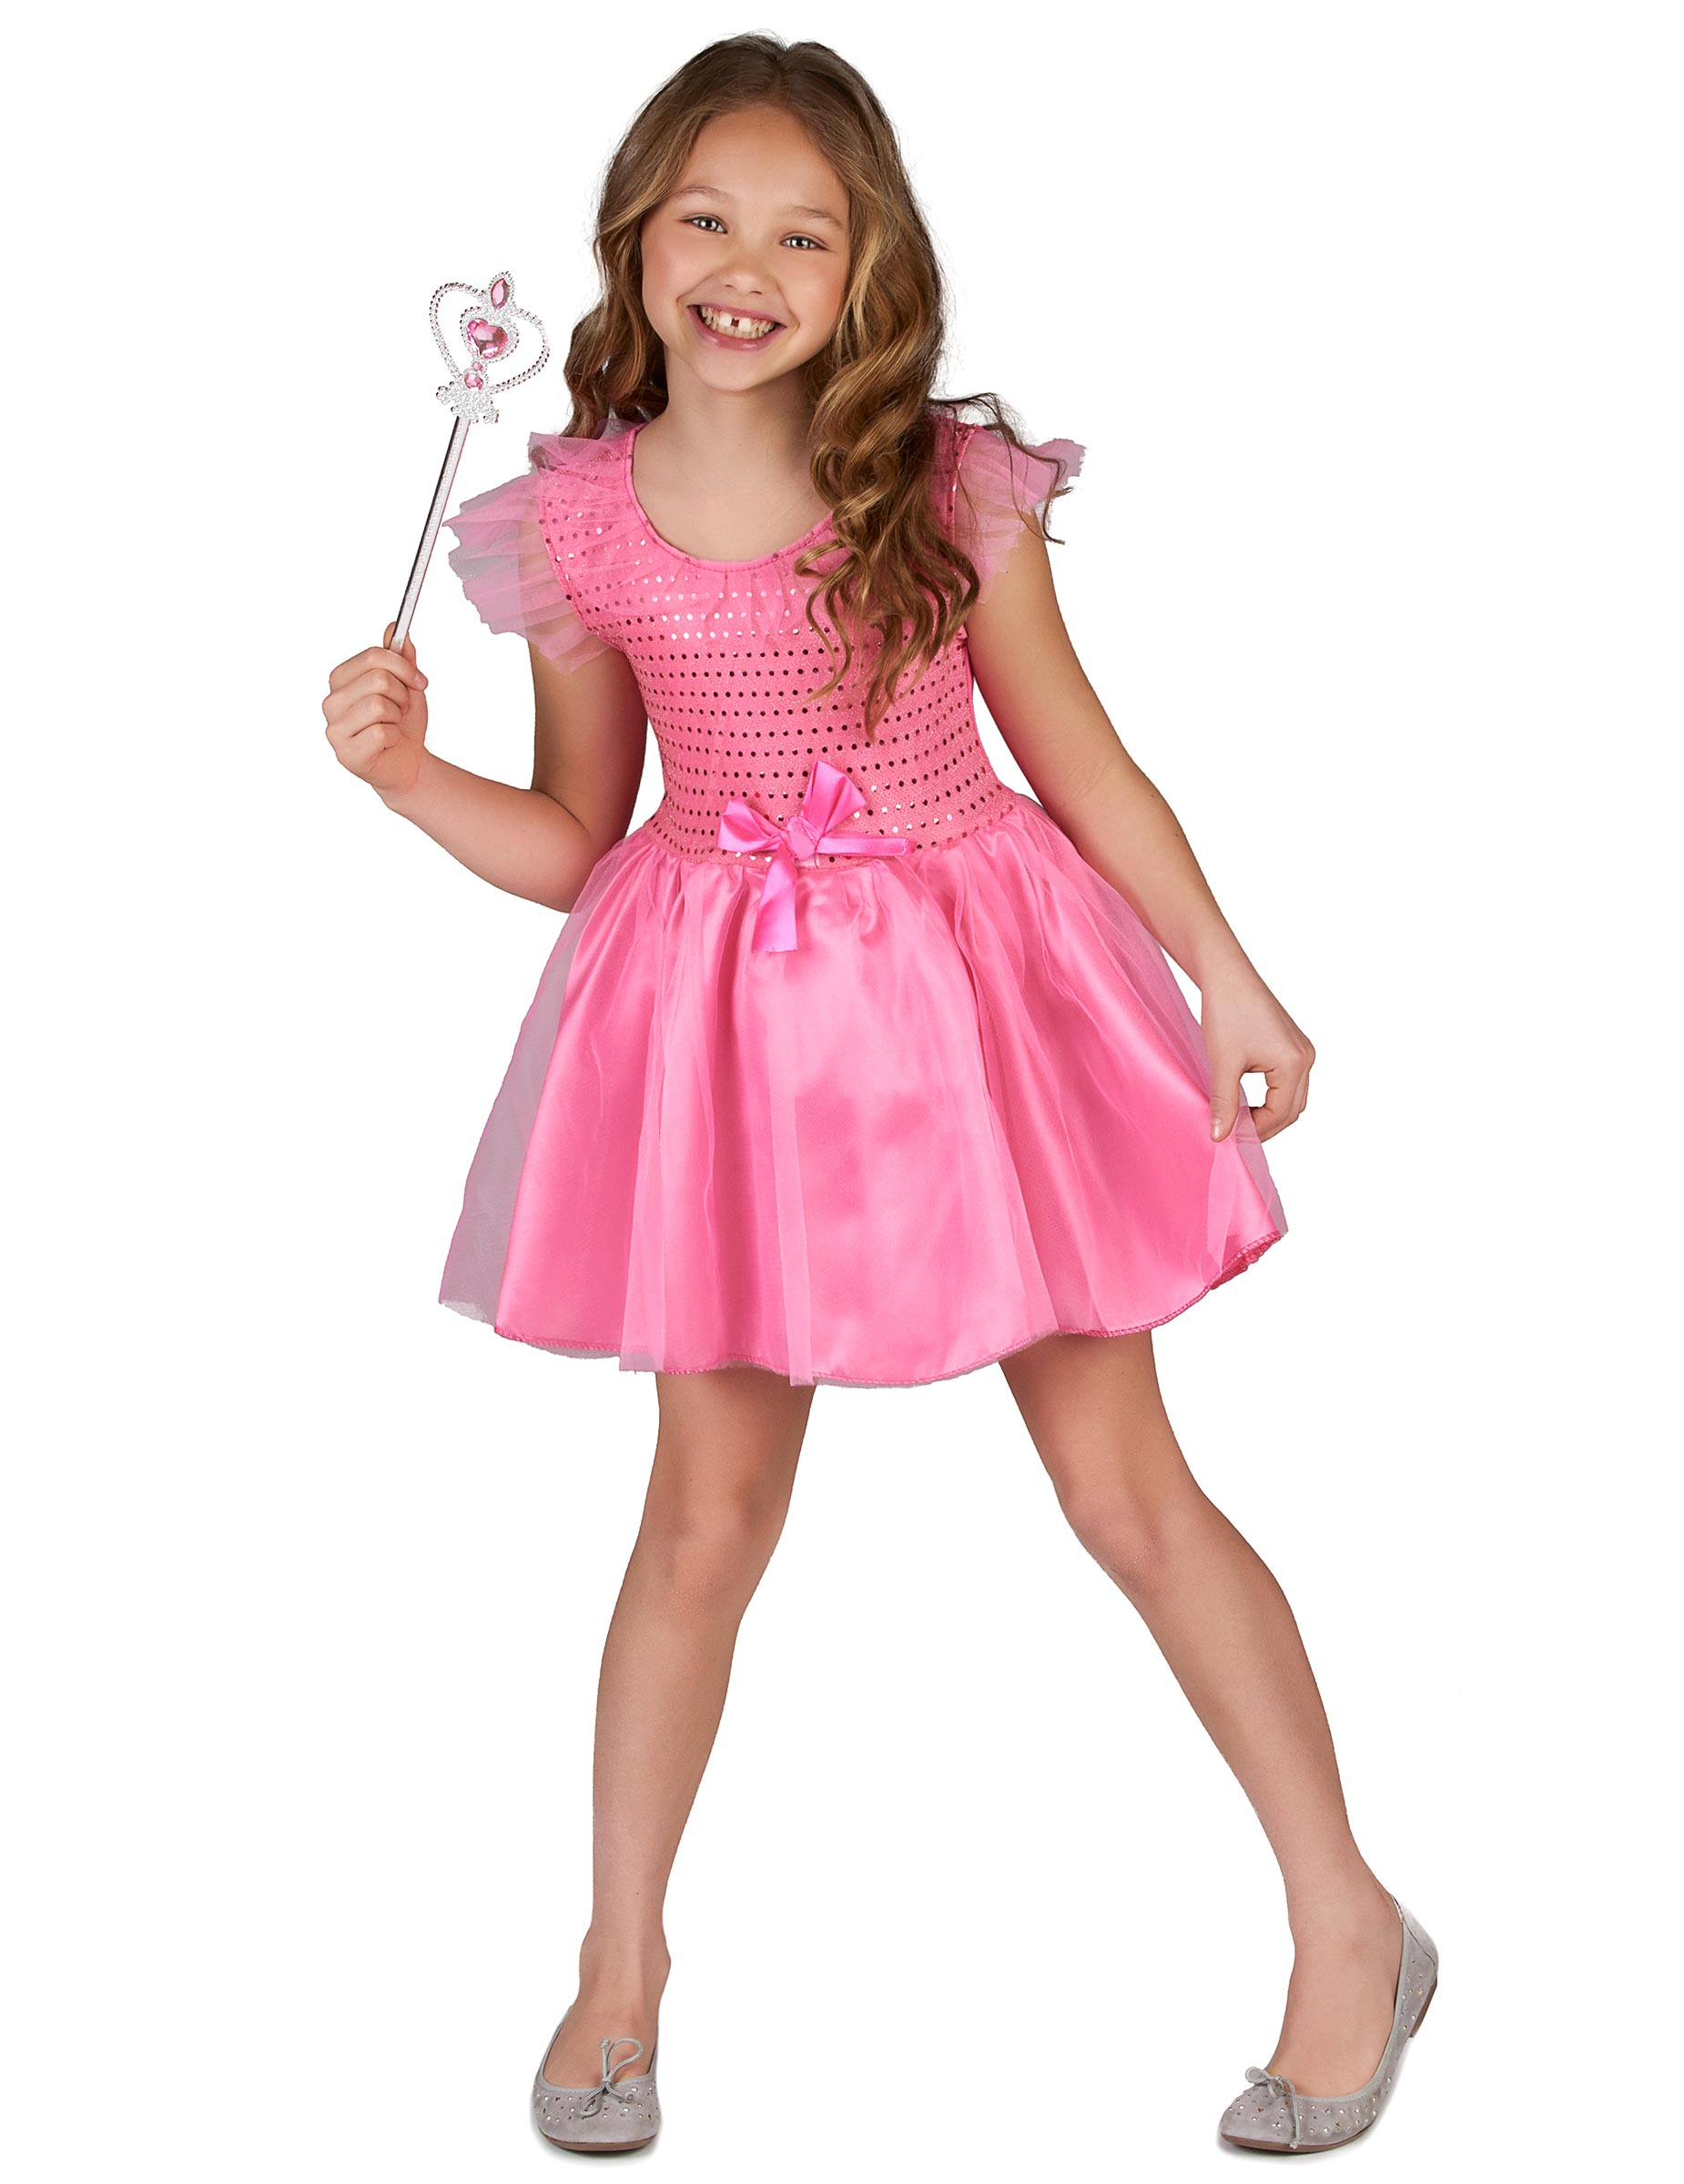 Venta online de disfraces de princesa para niñas - Vegaoo.es